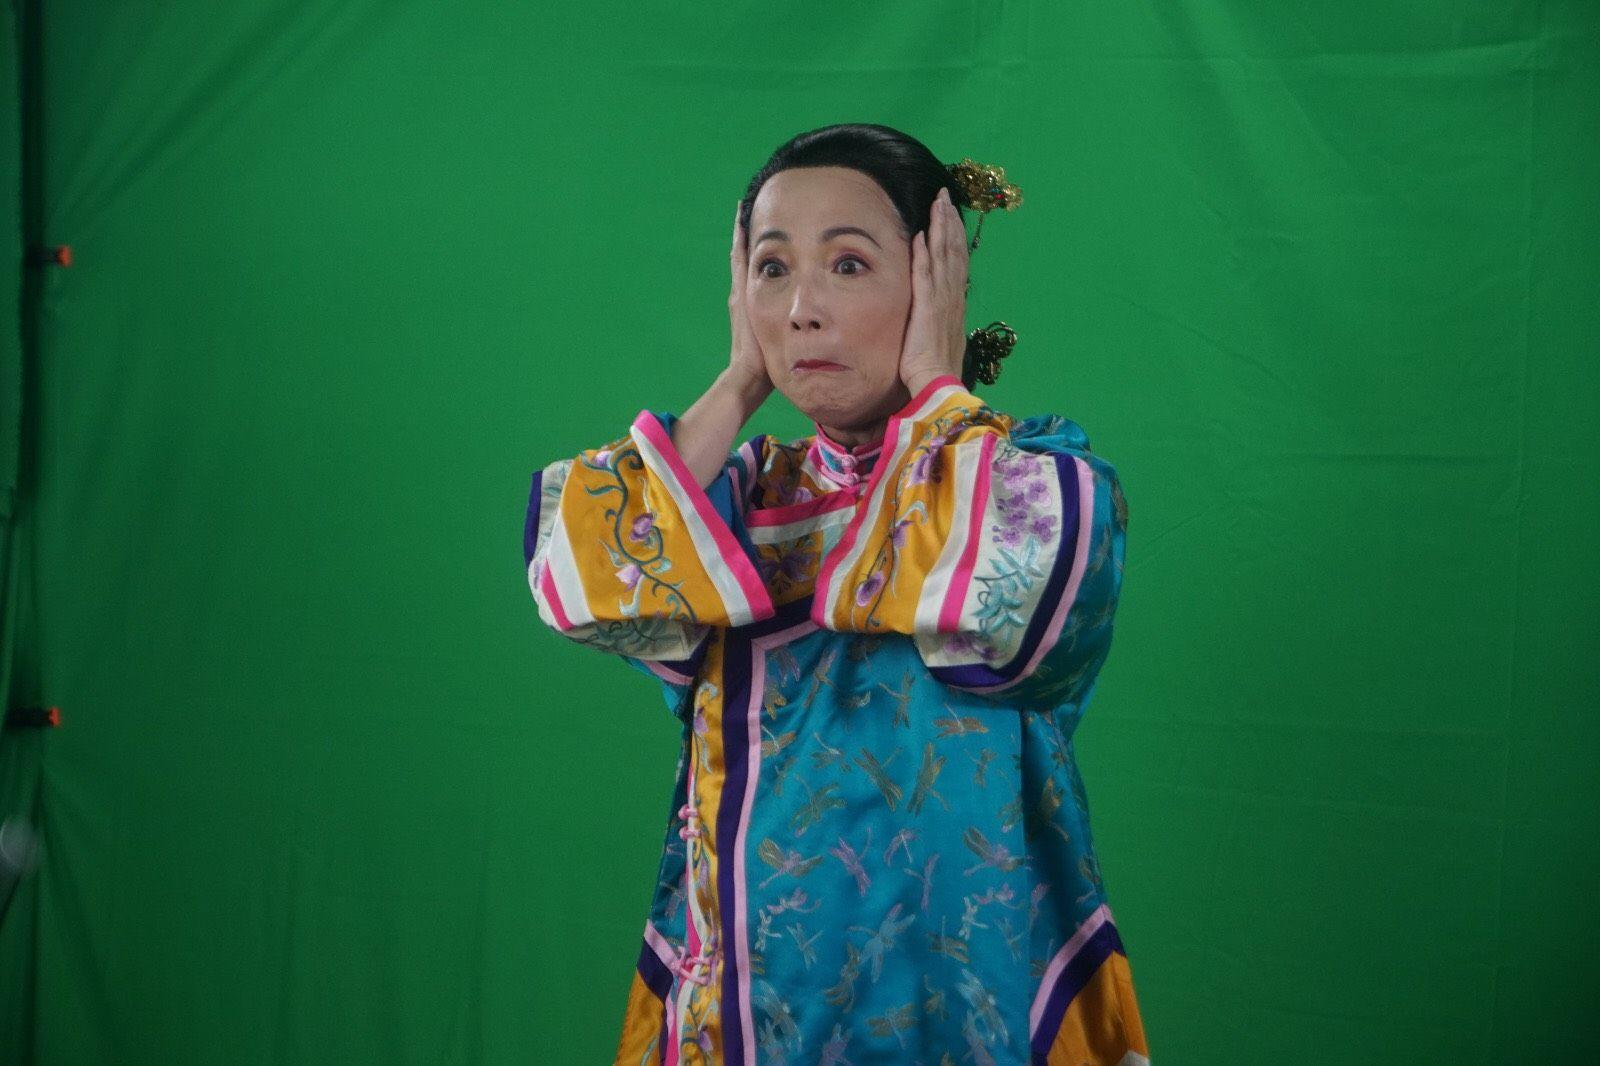 香港開電視新節目季度中,苑瓊丹會幫手做一個類似《K100》,專門介紹自己嘢的節目《開工大吉77》。